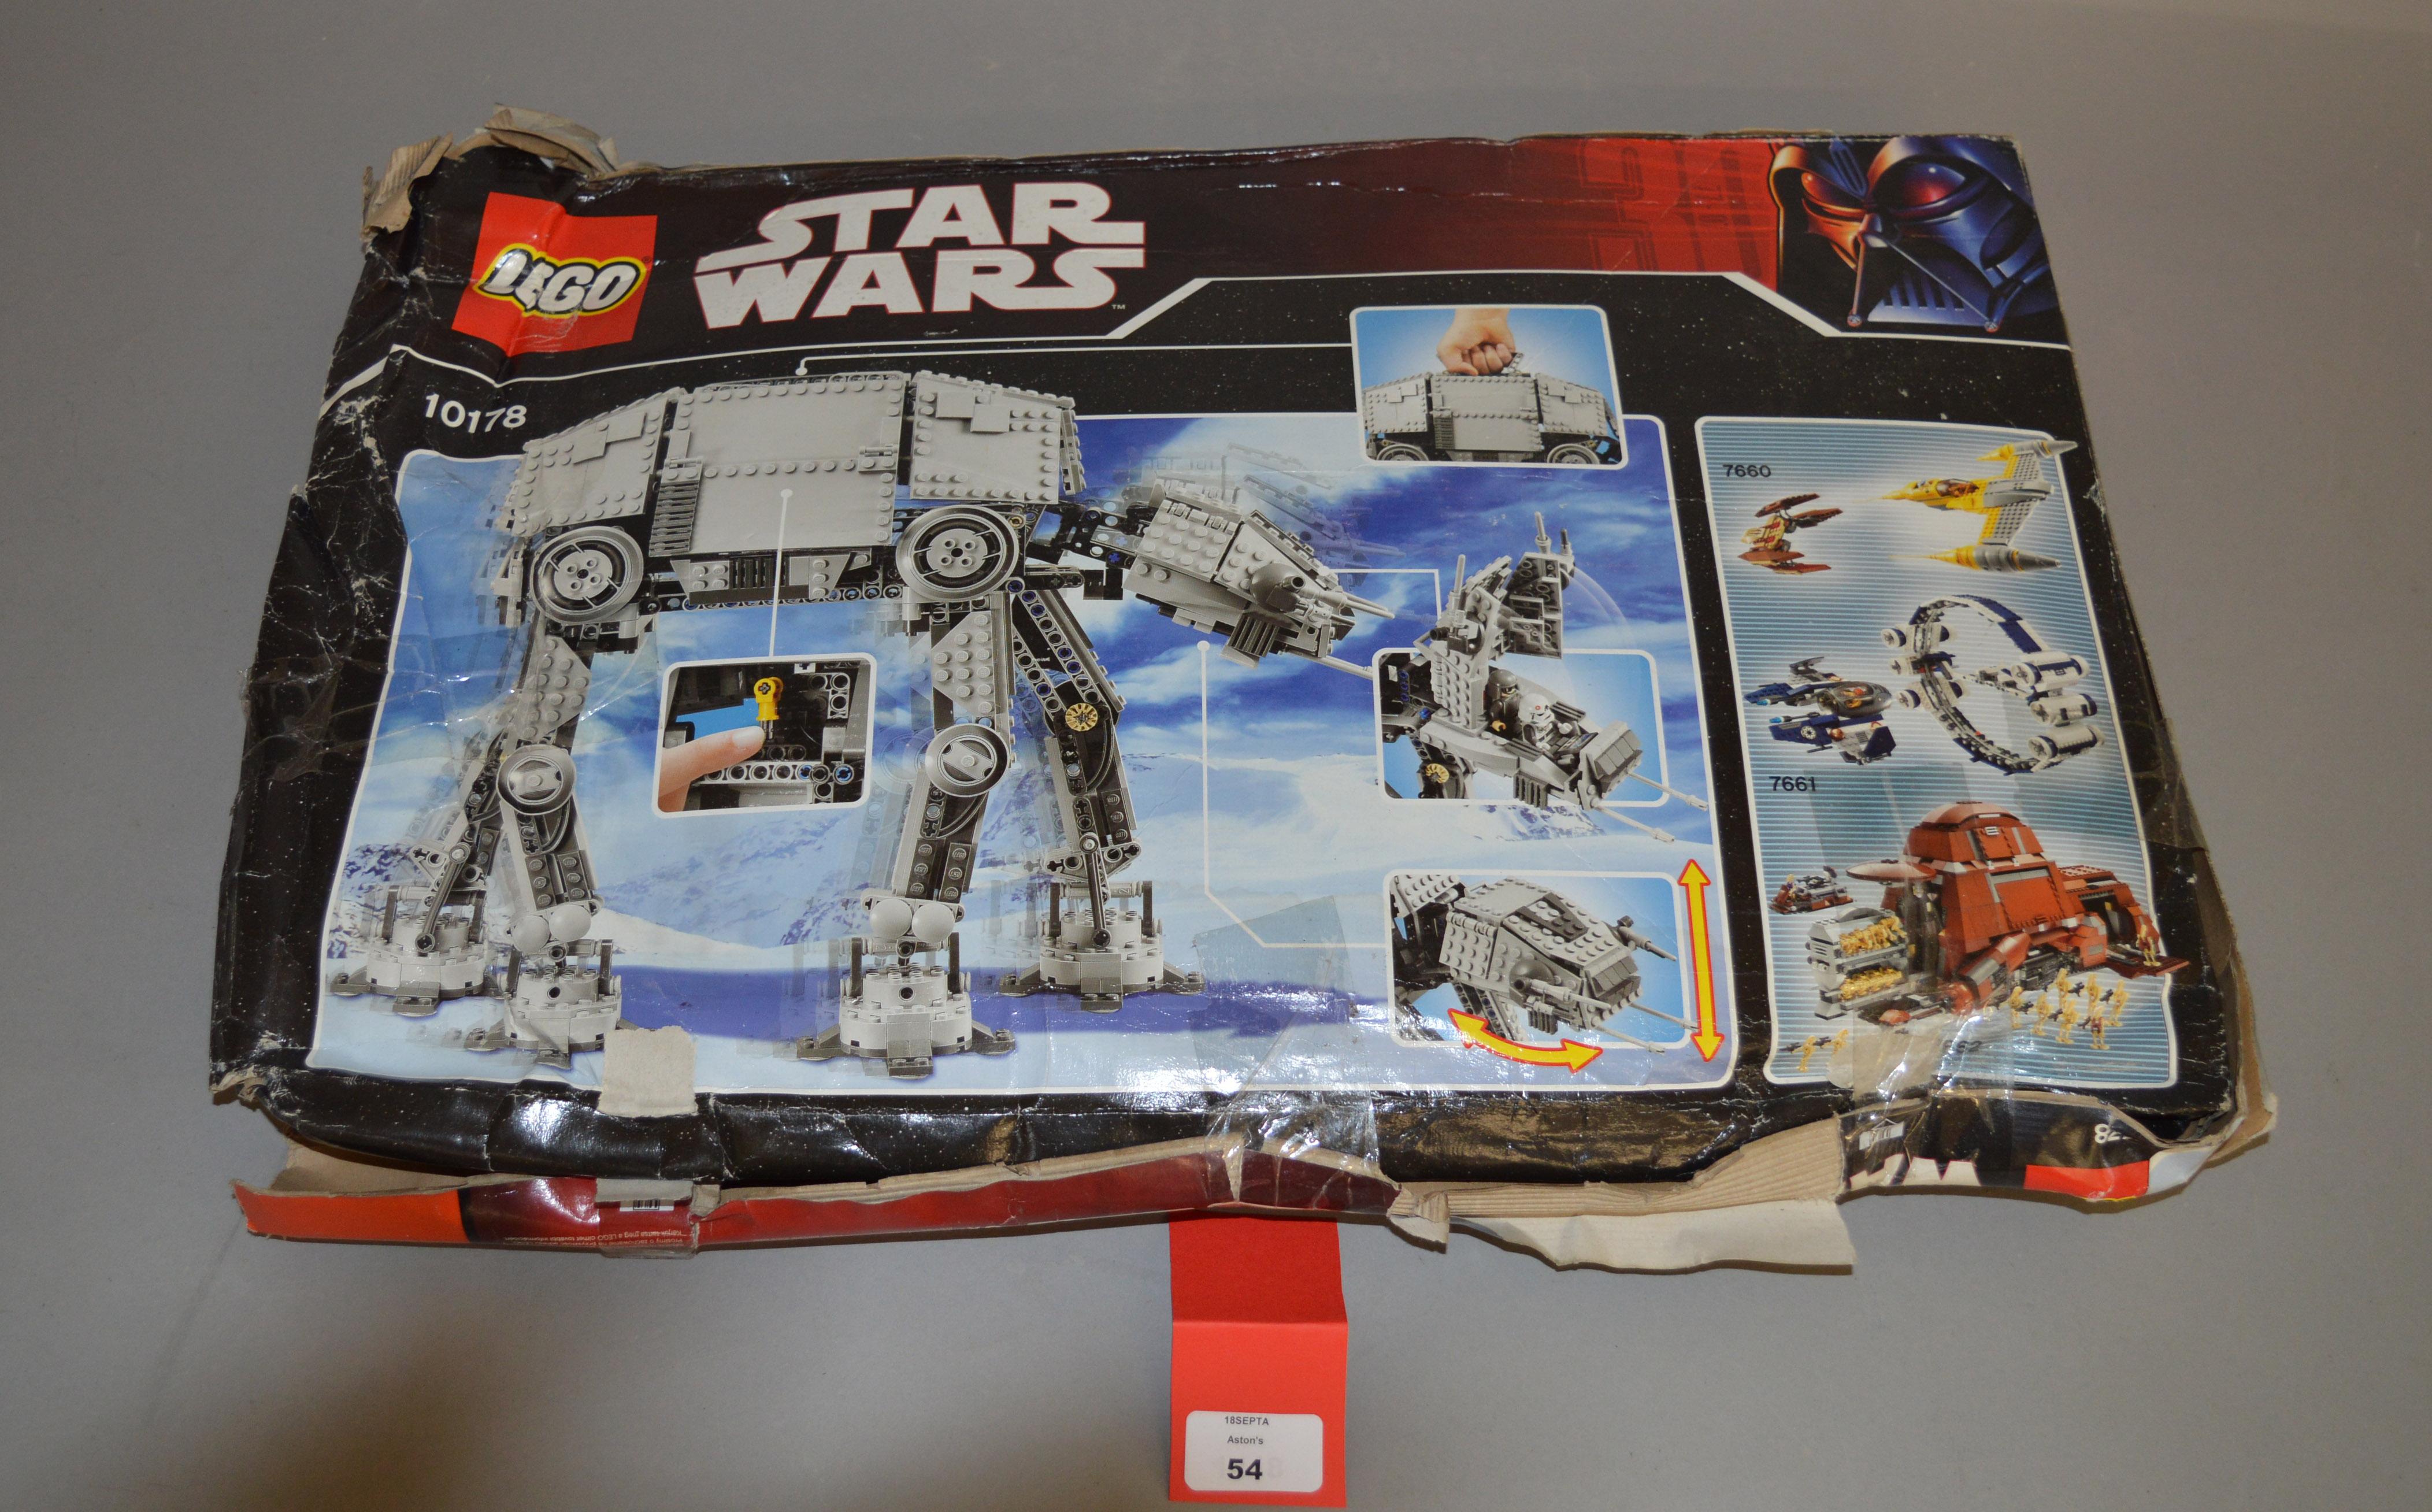 Lot 54 - Lego Star Wars 10178 Motorized Walking AT-AT.